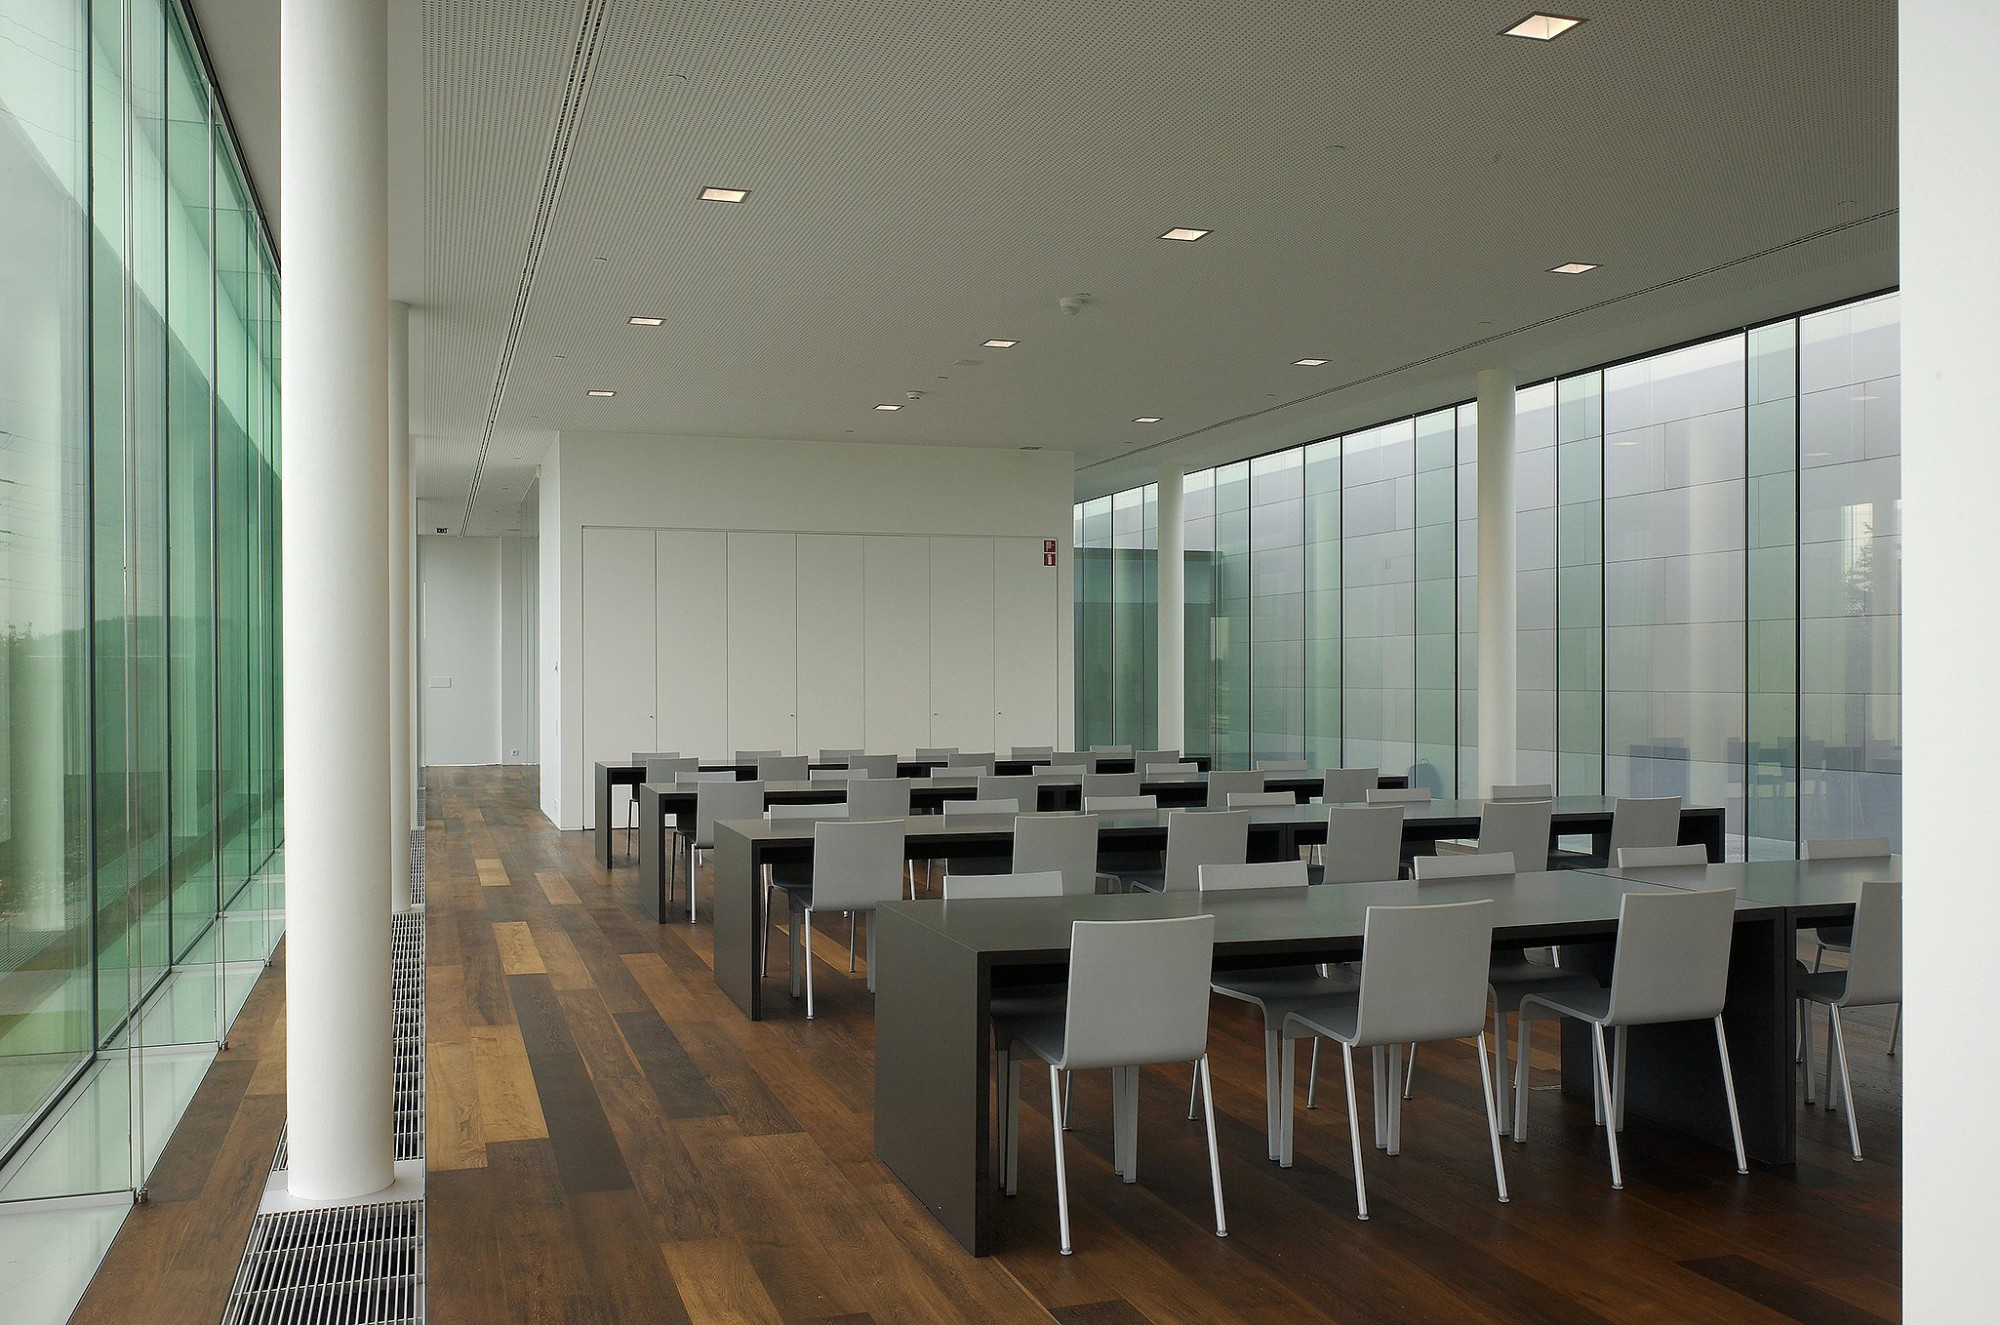 Afbeelding: Interieur fotografie vergaderruimte Niko te Sint Niklaas, voor Vanhout.pro.